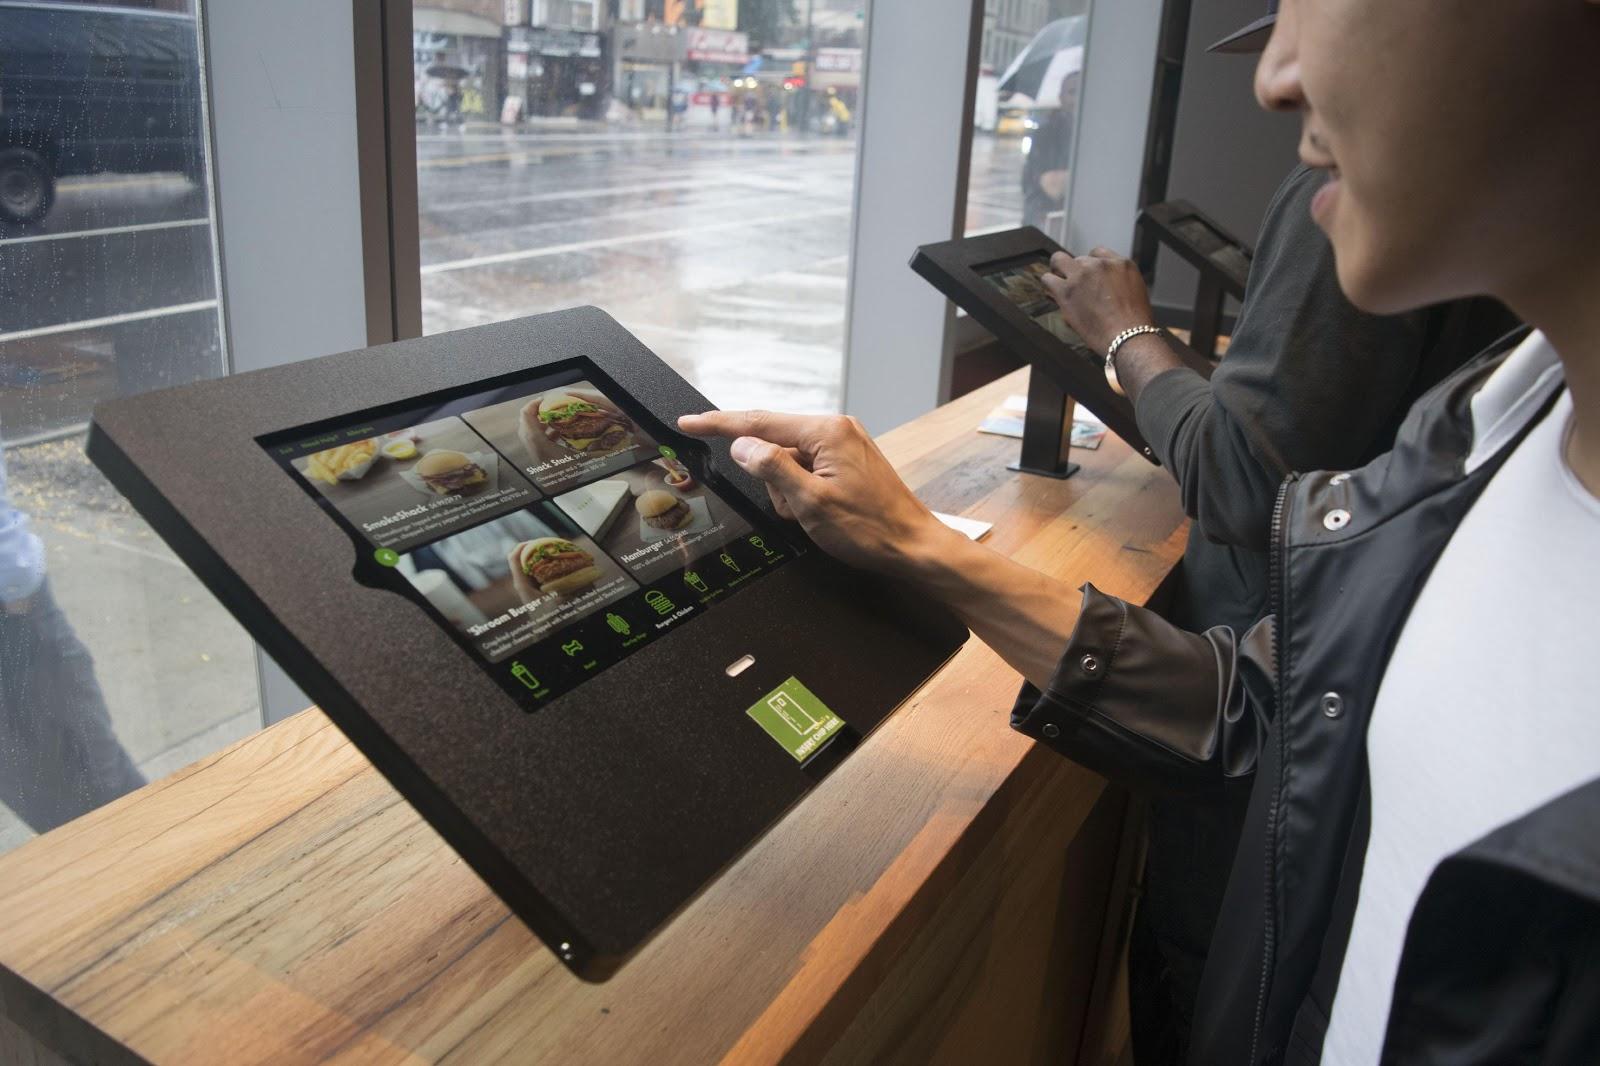 利用数字化开发的产品,可以更好地服务店内的消费者及用户,为他们带来更好的用户体验,提升在店内用餐的感受